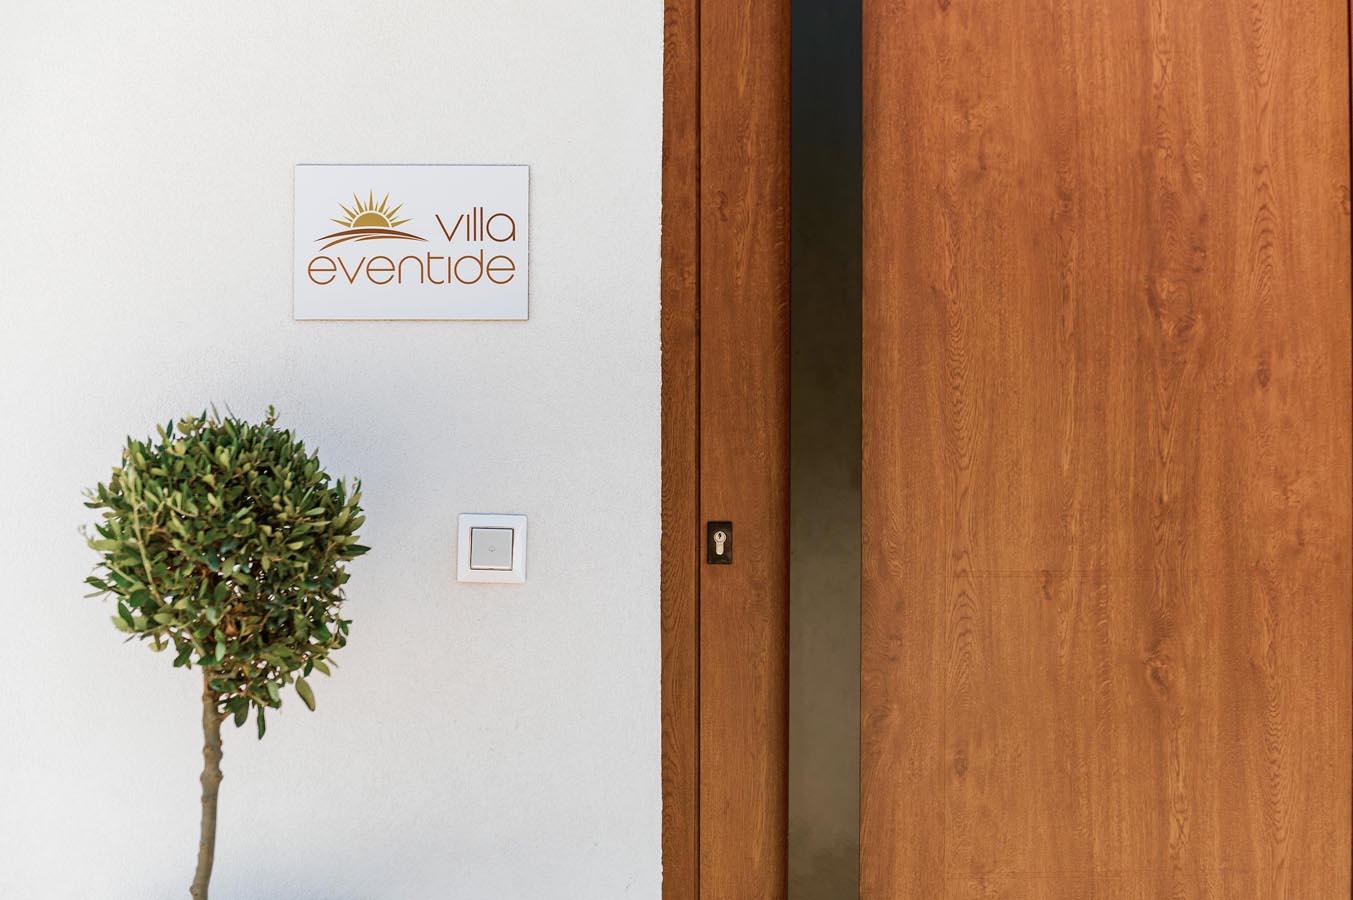 Rhodes Holidays Eventide Villa 30